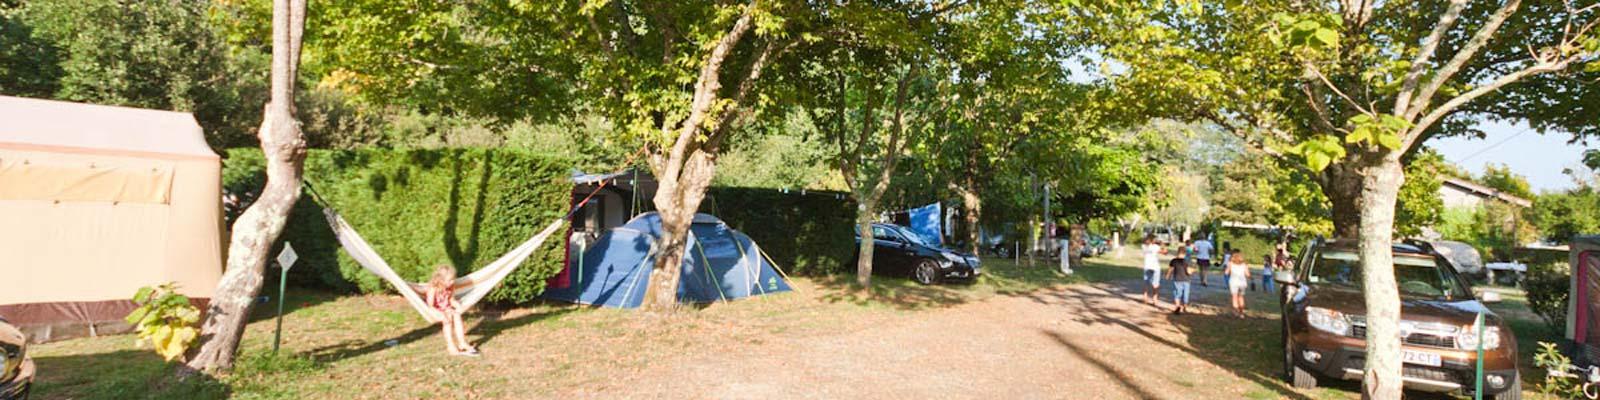 camping arcachon tente équipée